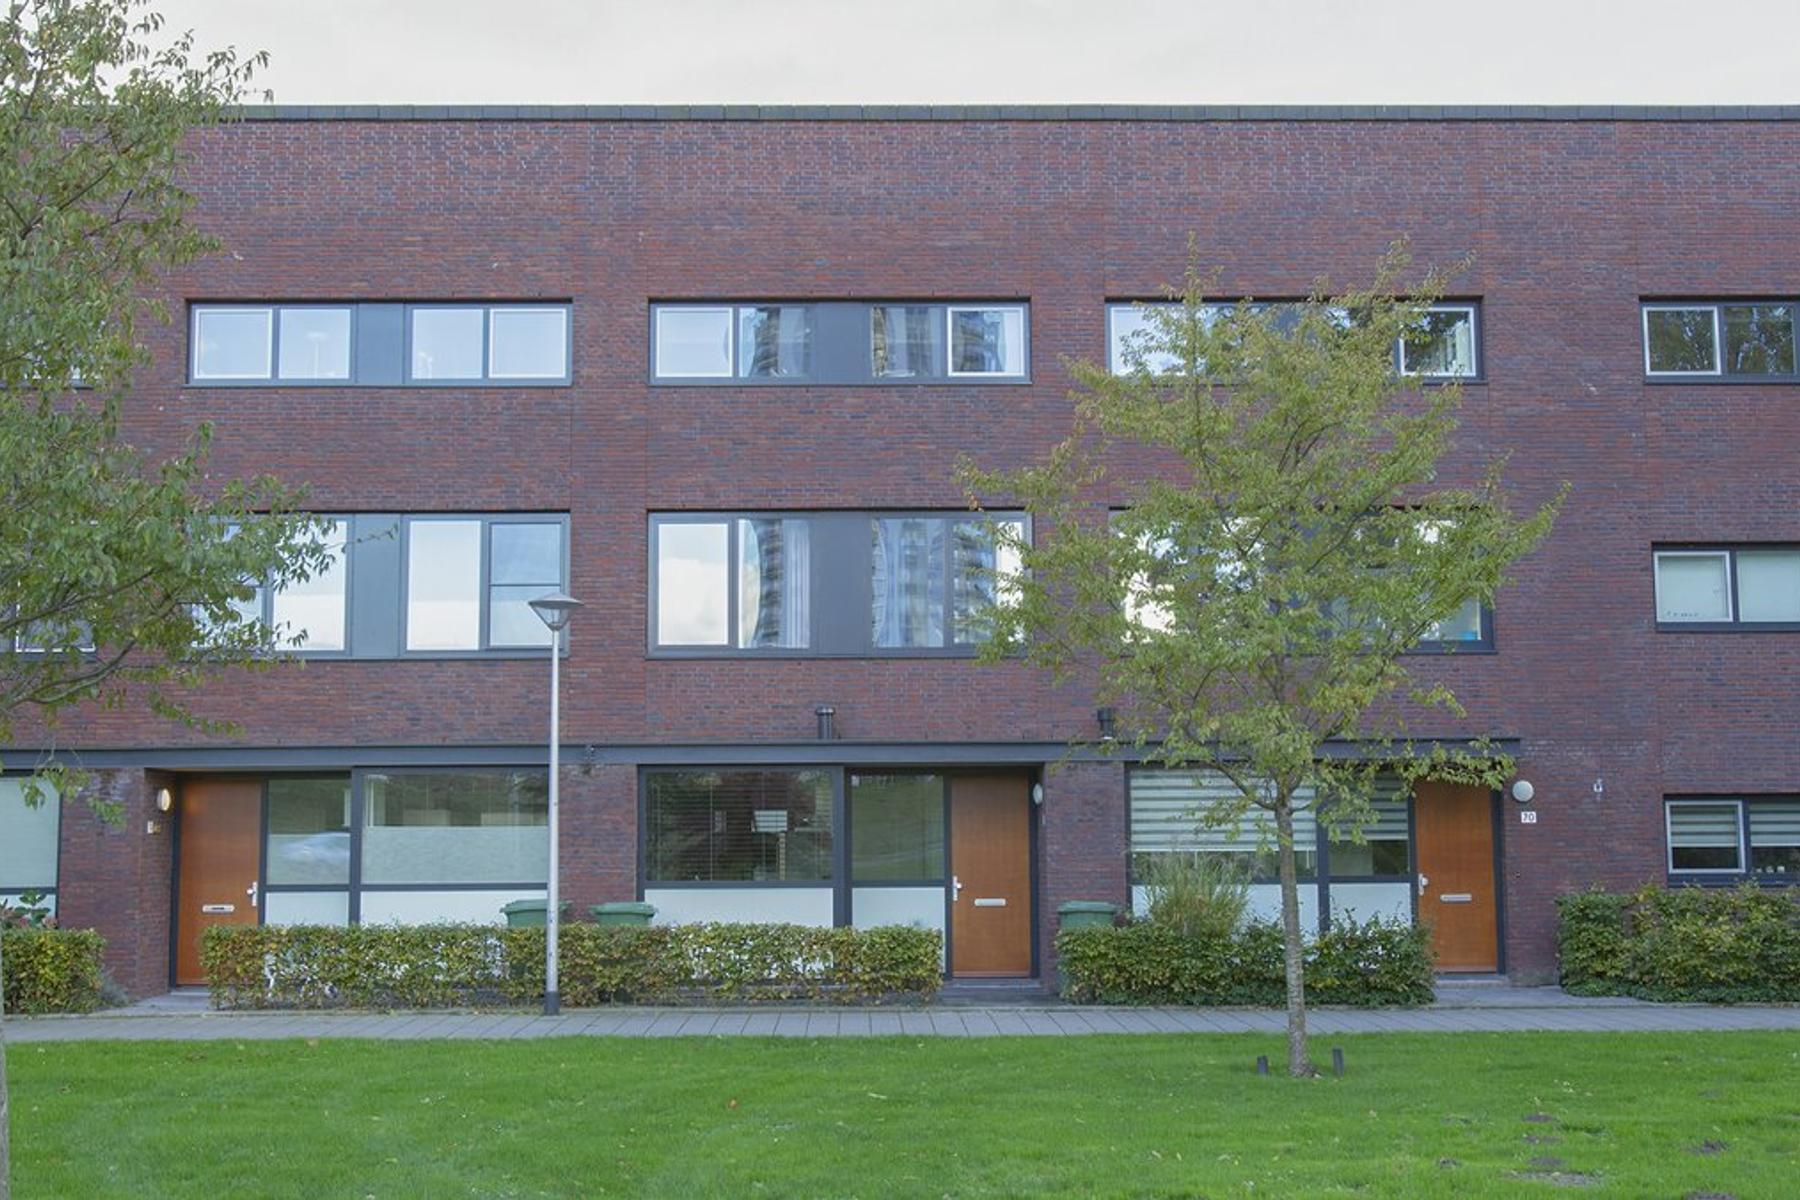 Pretoriusstraat 72 in Ridderkerk 2987 AK